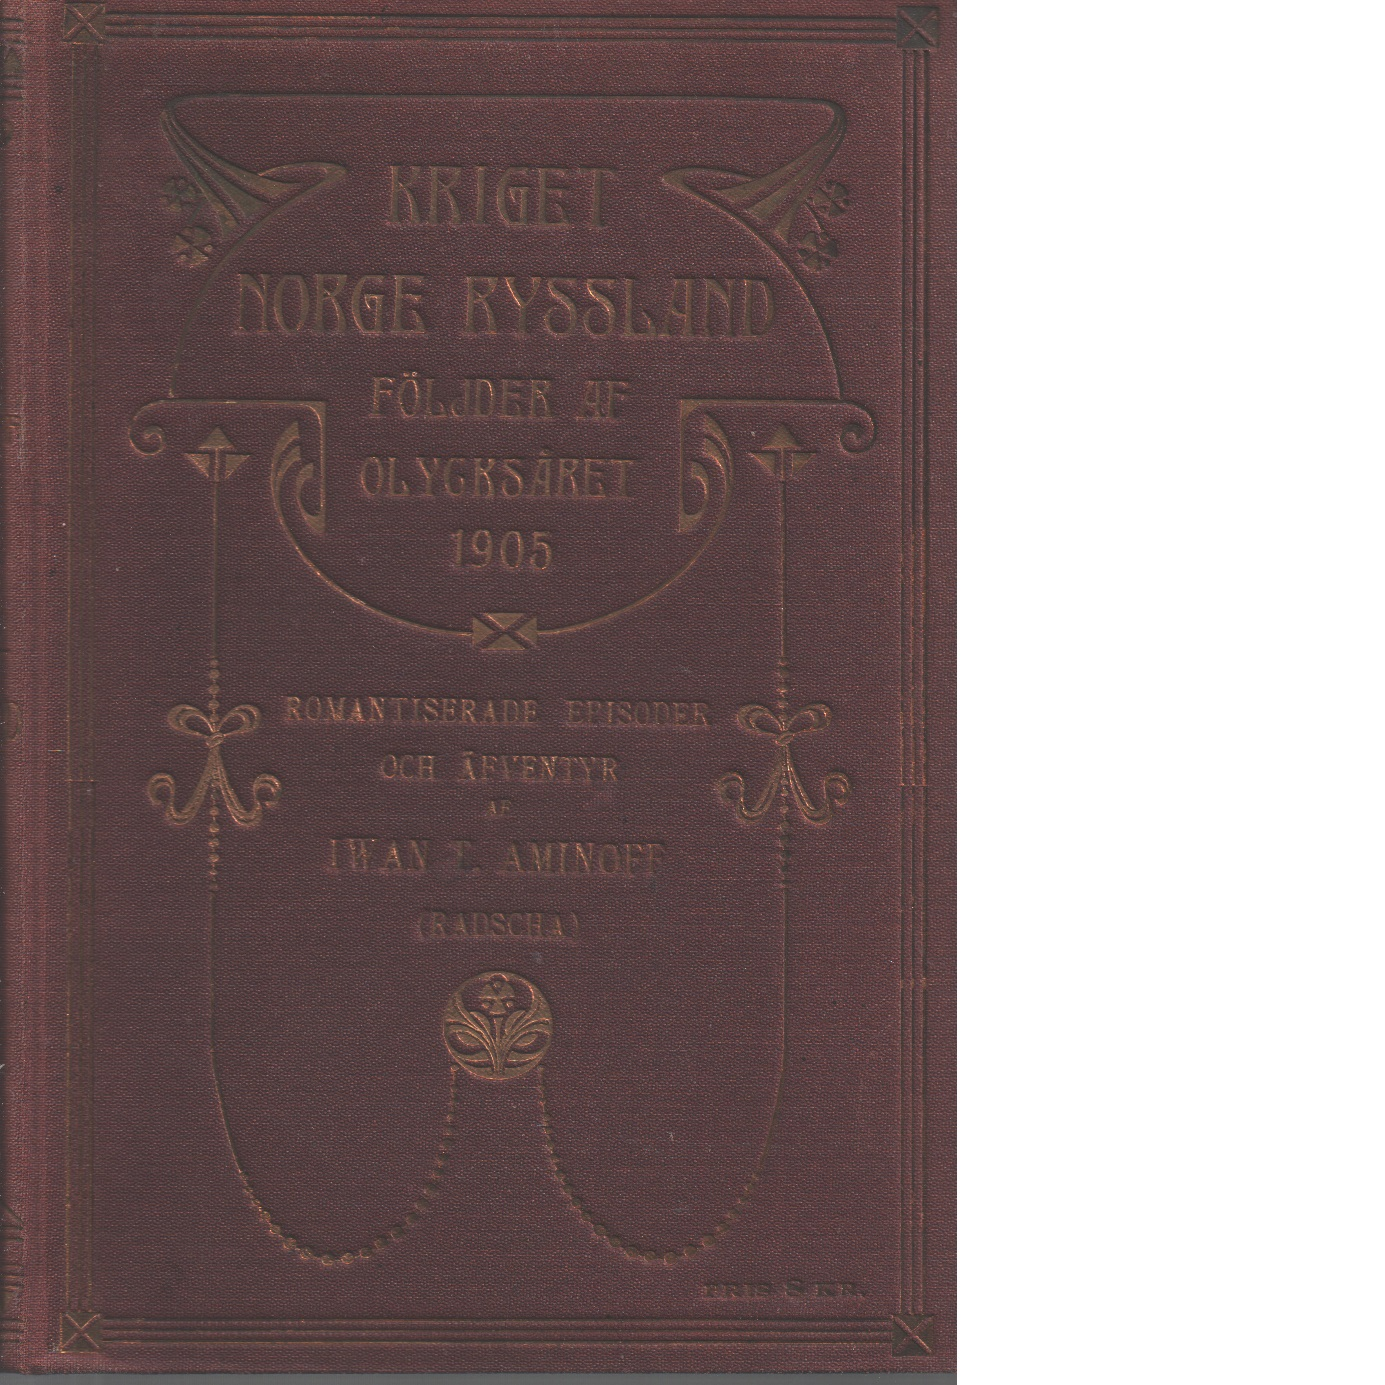 Kriget Norge-Ryssland : följder af olycksåret 1905 - Aminoff, Ivan